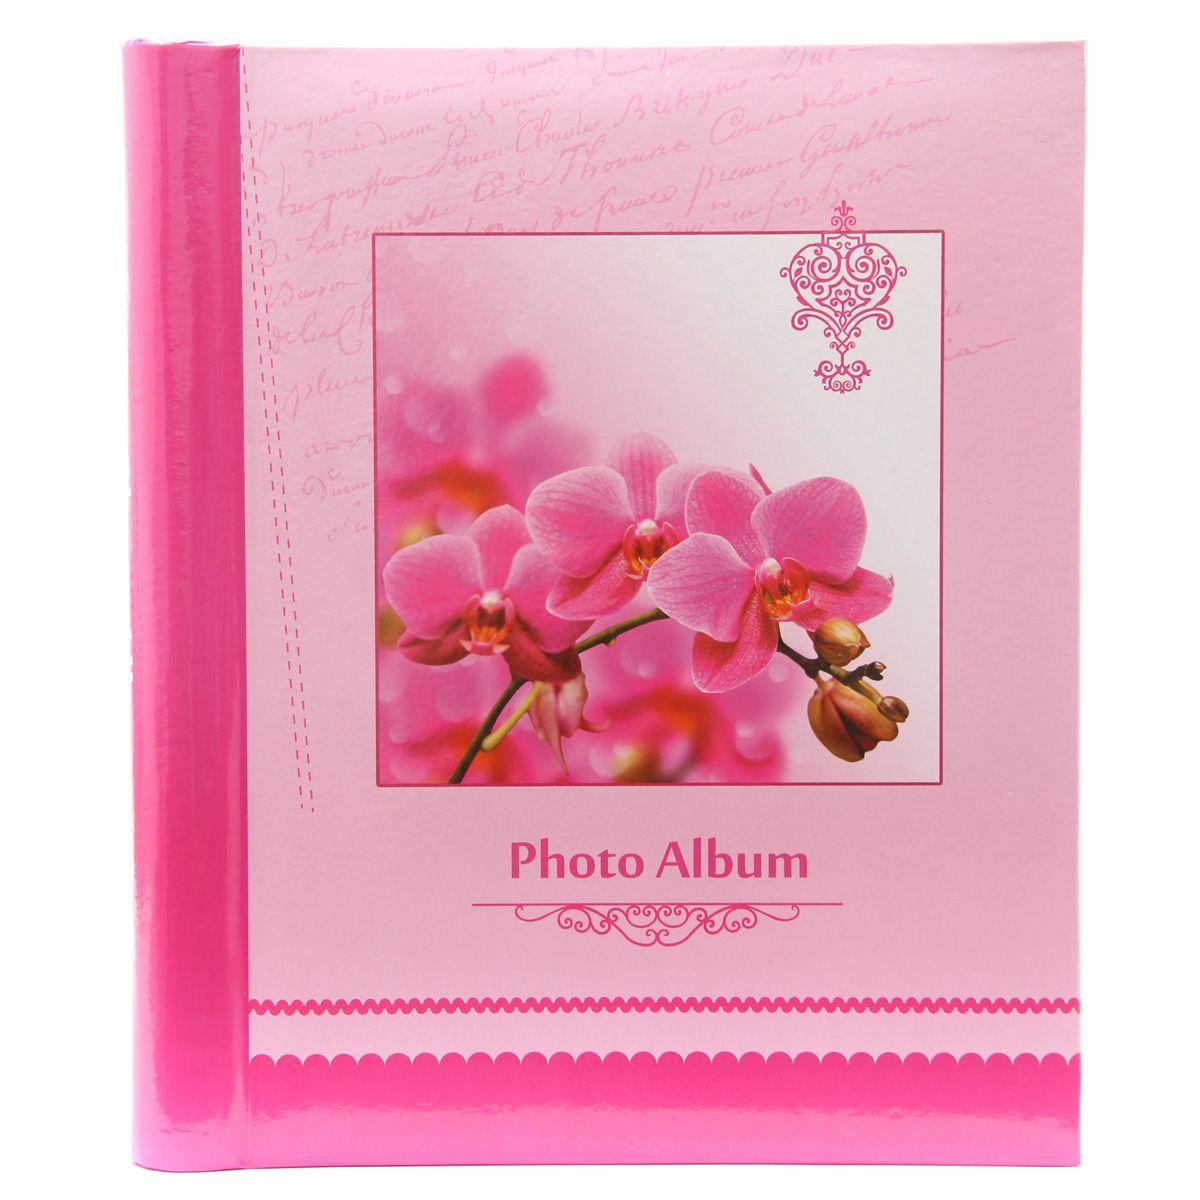 Фотоальбом Pioneer Spring Paints, 20 магнитных листов, цвет: розовый, 23 х 28 смТР 5213Альбом для фотографий.Кол-во листов: 20.Материалы, использованные в изготовлении альбома, обеспечивают высокое качество хранения Ваших фотографий, поэтому фотографии не желтеют со временемКонечно, никаких магнитов в этих альбомах нет. Есть страницы из плотной бумаги или тонкого картона, на этих страницах нанесено клейковатое покрытие и сверху страница закрыта прозрачной плёнкой, которая зафиксирована на внешнем ребре страницы.Фотографии на такой странице держатся за счёт того, что плёнка прилипает (как бы примагничивается) к странице. При этом фотографии не повреждаются, т.к. тыльная сторона не приклеивается к странице.Для того, чтобы разместить фотографии на магнитной странице, надо отлепить плёнку по направлению от корешка альбома к внешней (зафиксированной) стороне страницы, разложить фотографии поверх клейковатого покрытия так, как вам нравится.При этом обязательно надо оставлять по периметру страницы свободное поле, к которому и будет «примагничиваться» прозрачная плёнка.После размещения фоток надо их закрыть плёнкой так, чтобы не было пузырьков воздуха, складок и заломов. Для этого одной рукой надо как бы натягивать плёнку от края страницы к корешку, а другой – прижимать к странице.Если вы видите, что пошла складочка, не расстраивайтесь. Сразу отлепите плёнку и исправьте ситуацию. Не обязательно отклеивать плёнку полностью, если складочка пошла, например, от середины страницы или ближе к корешку.К неоспоримым преимуществам «магнитных» фотоальбомов относятся:- возможность размещать в них фотографии разного размера в нужной вам последовательности;- возможность размещать фотографии с наклоном;- возможность наряду с фотографиями размещать подписи к ним (выполненные на отдельных листках бумаги), оформительские элементы (шаржи, букетики, вырезки и т.п